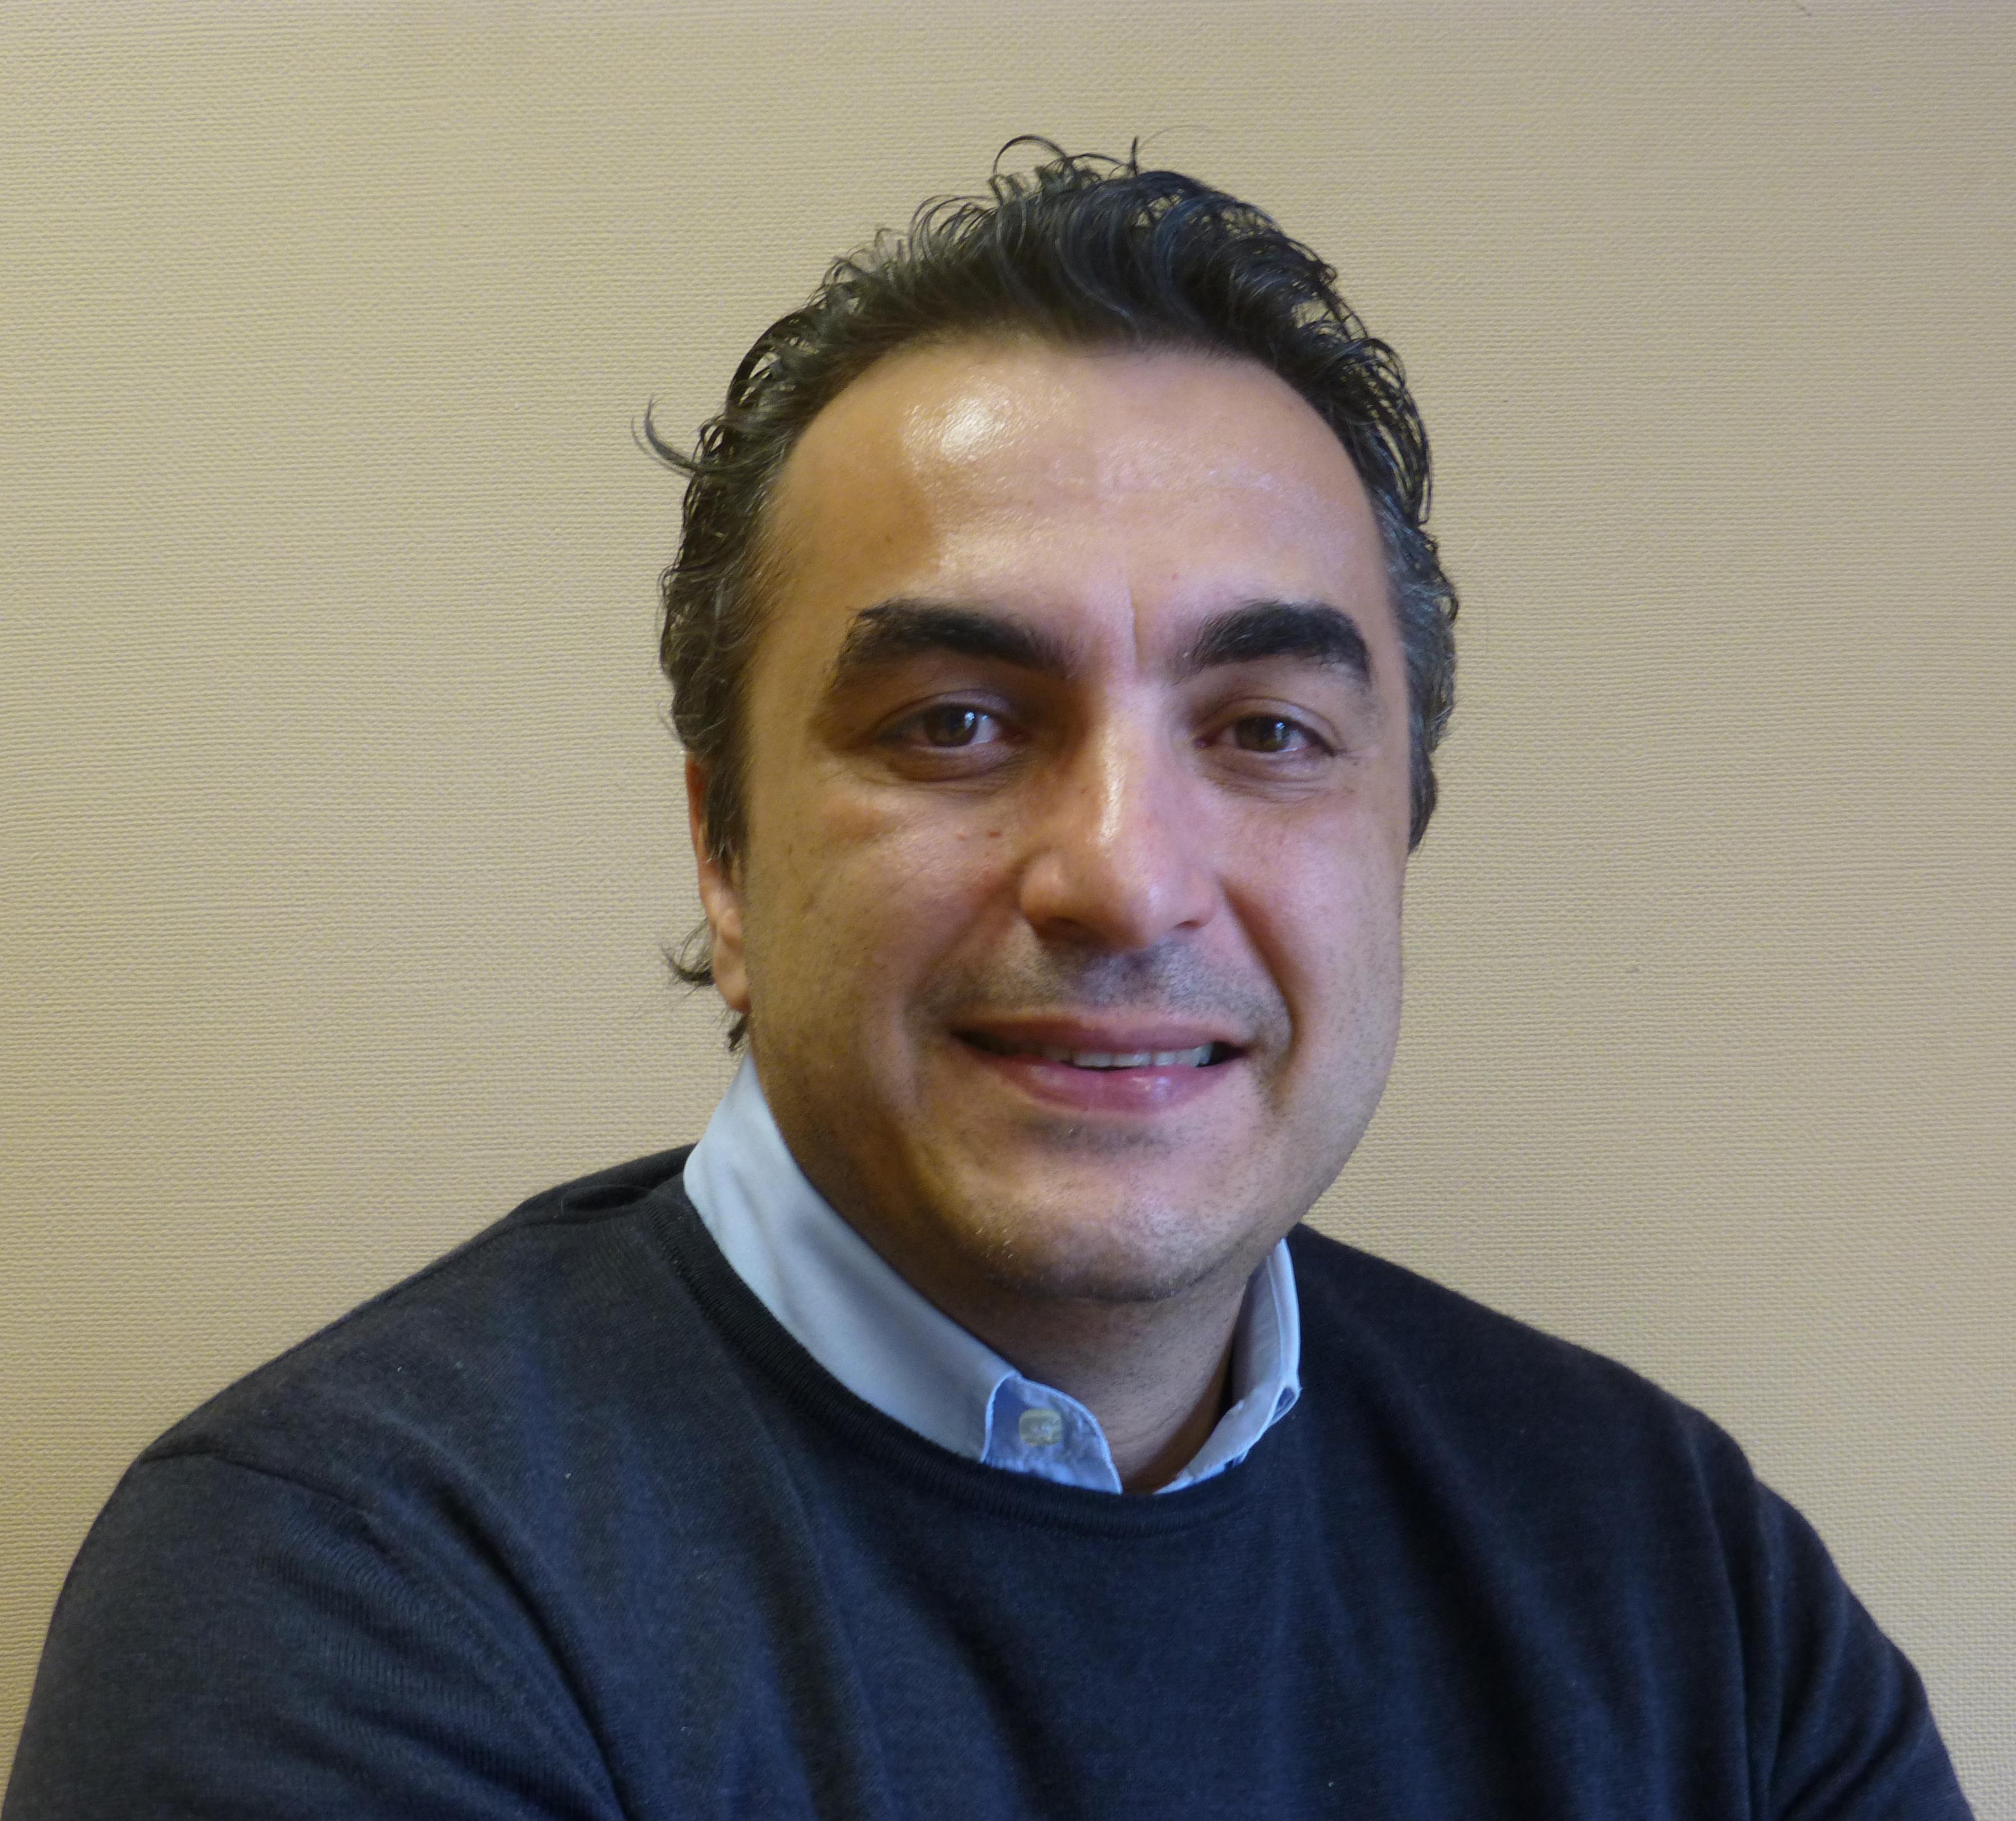 Antonio Masenza, Chief Country Executive per l'Italia di Ingram Micro